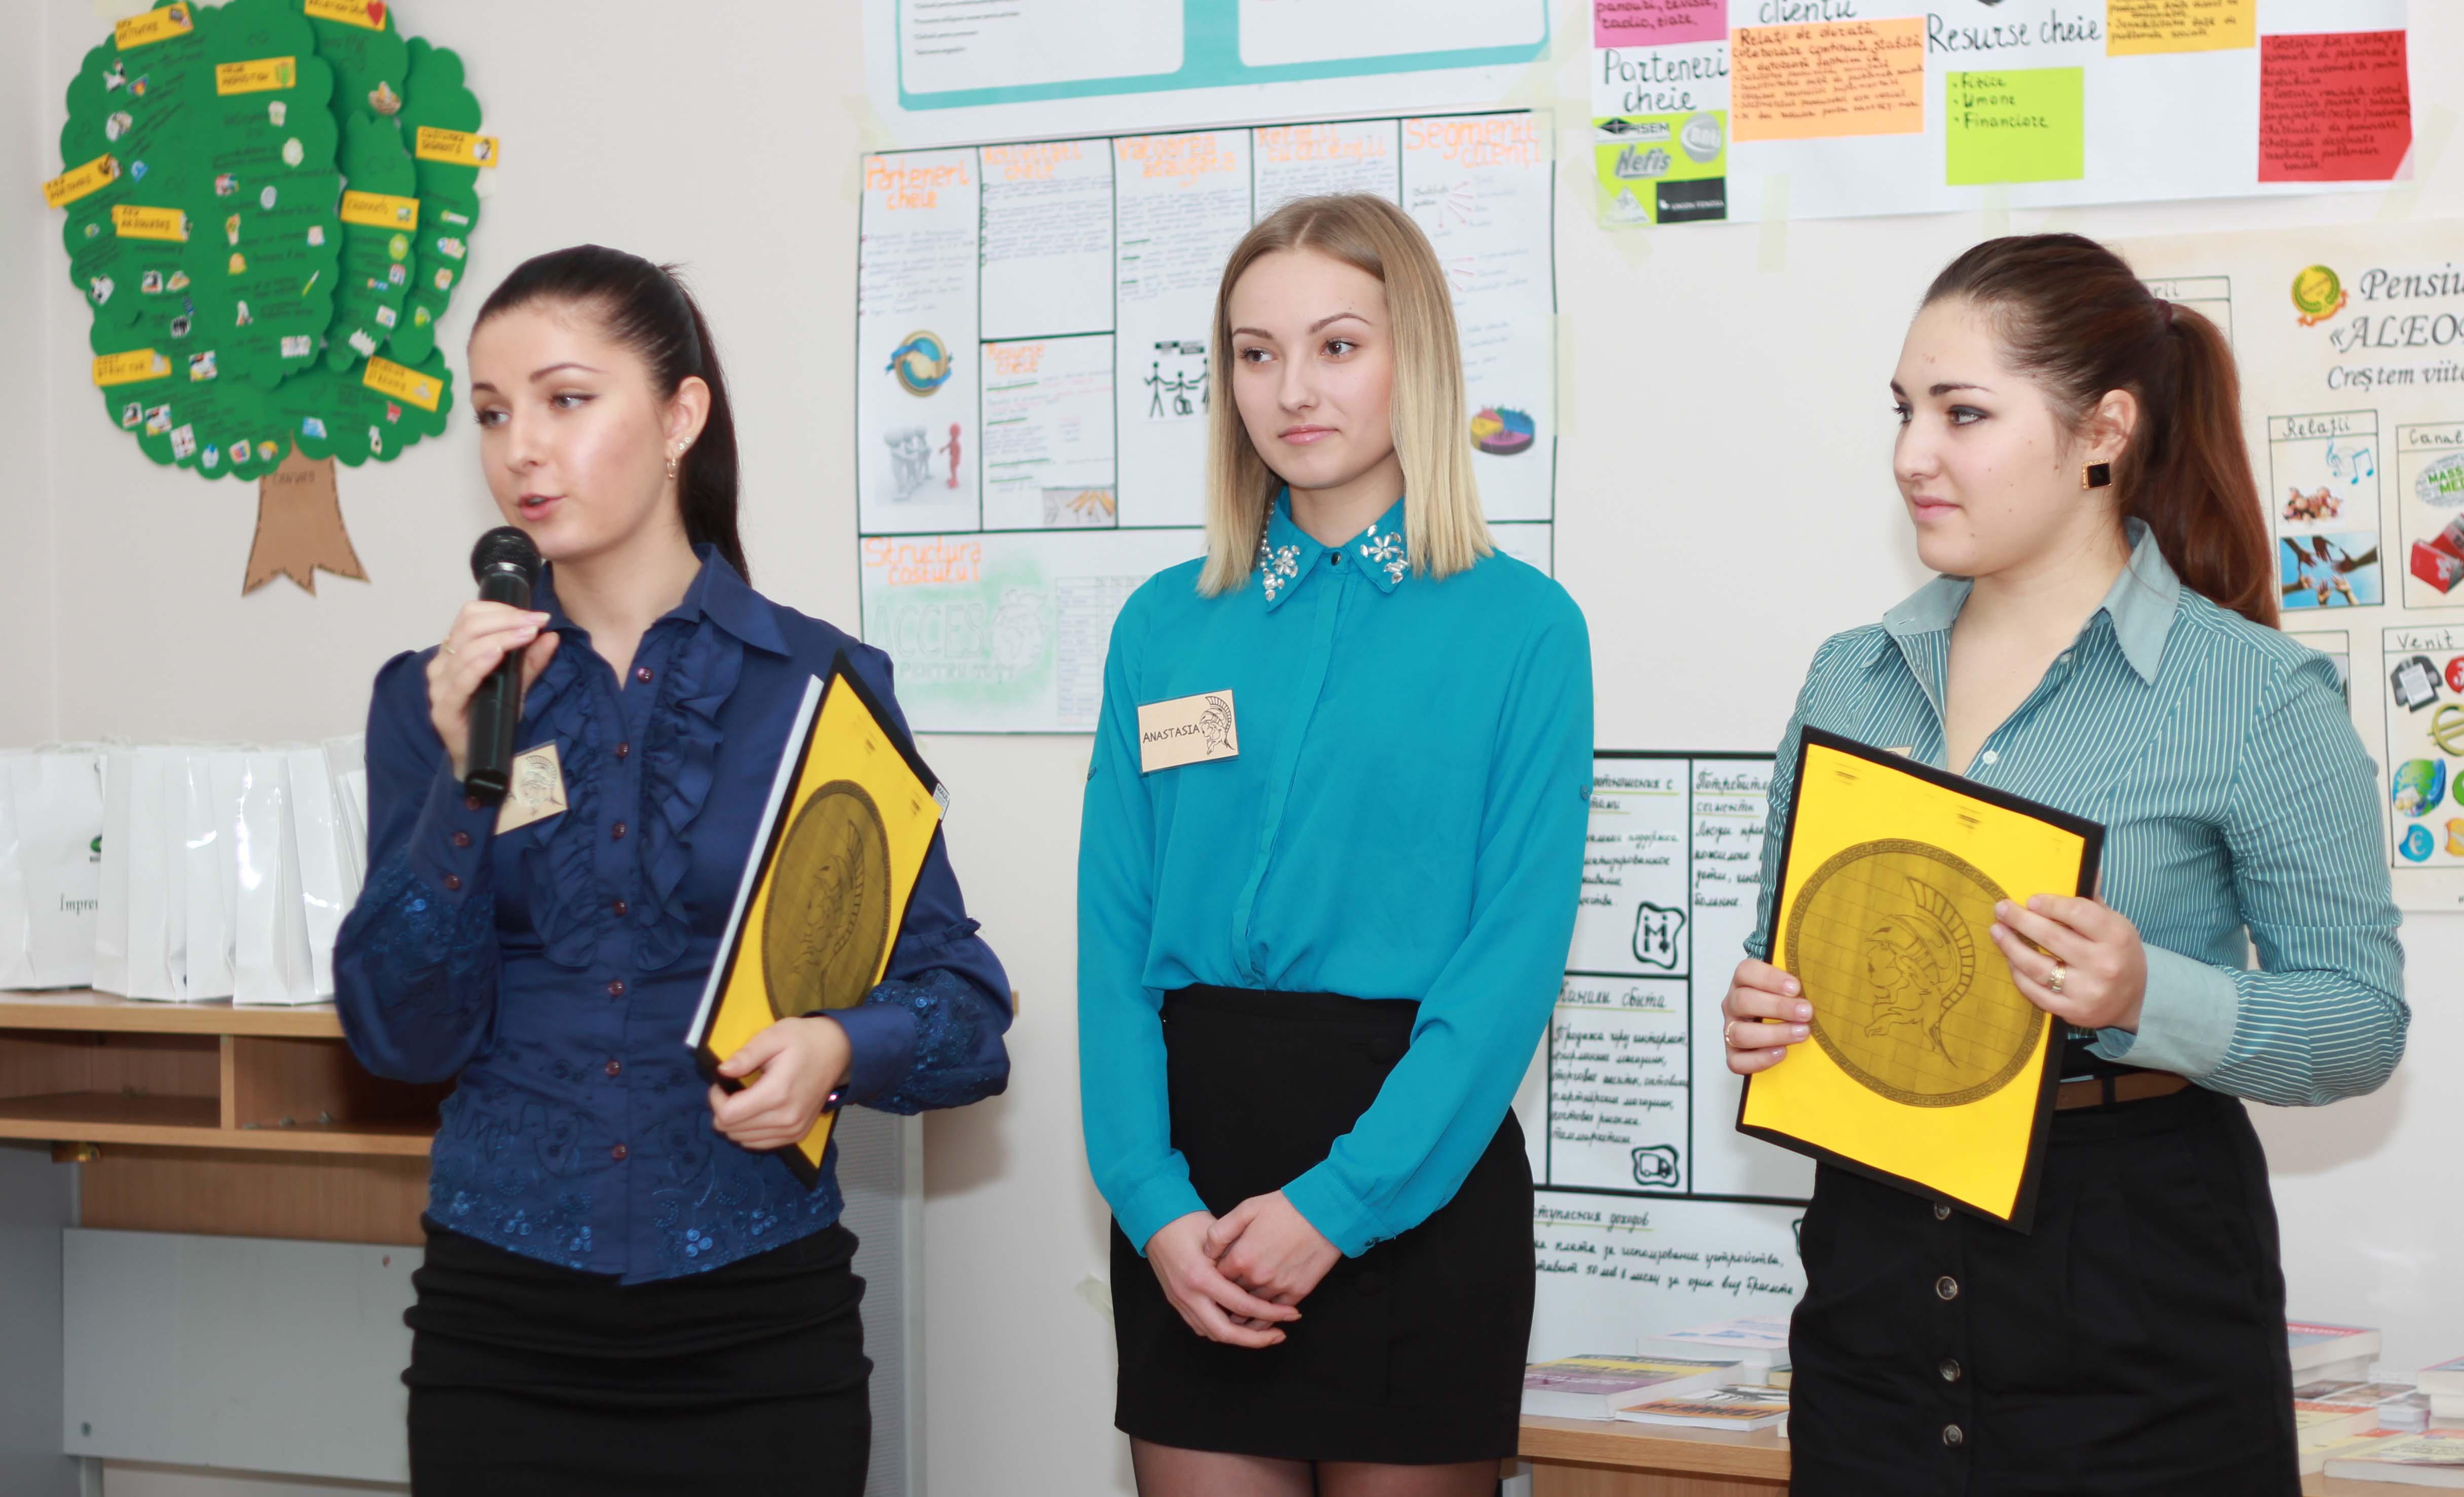 Antreprenoriatul social din perspectiva studenților ASEM